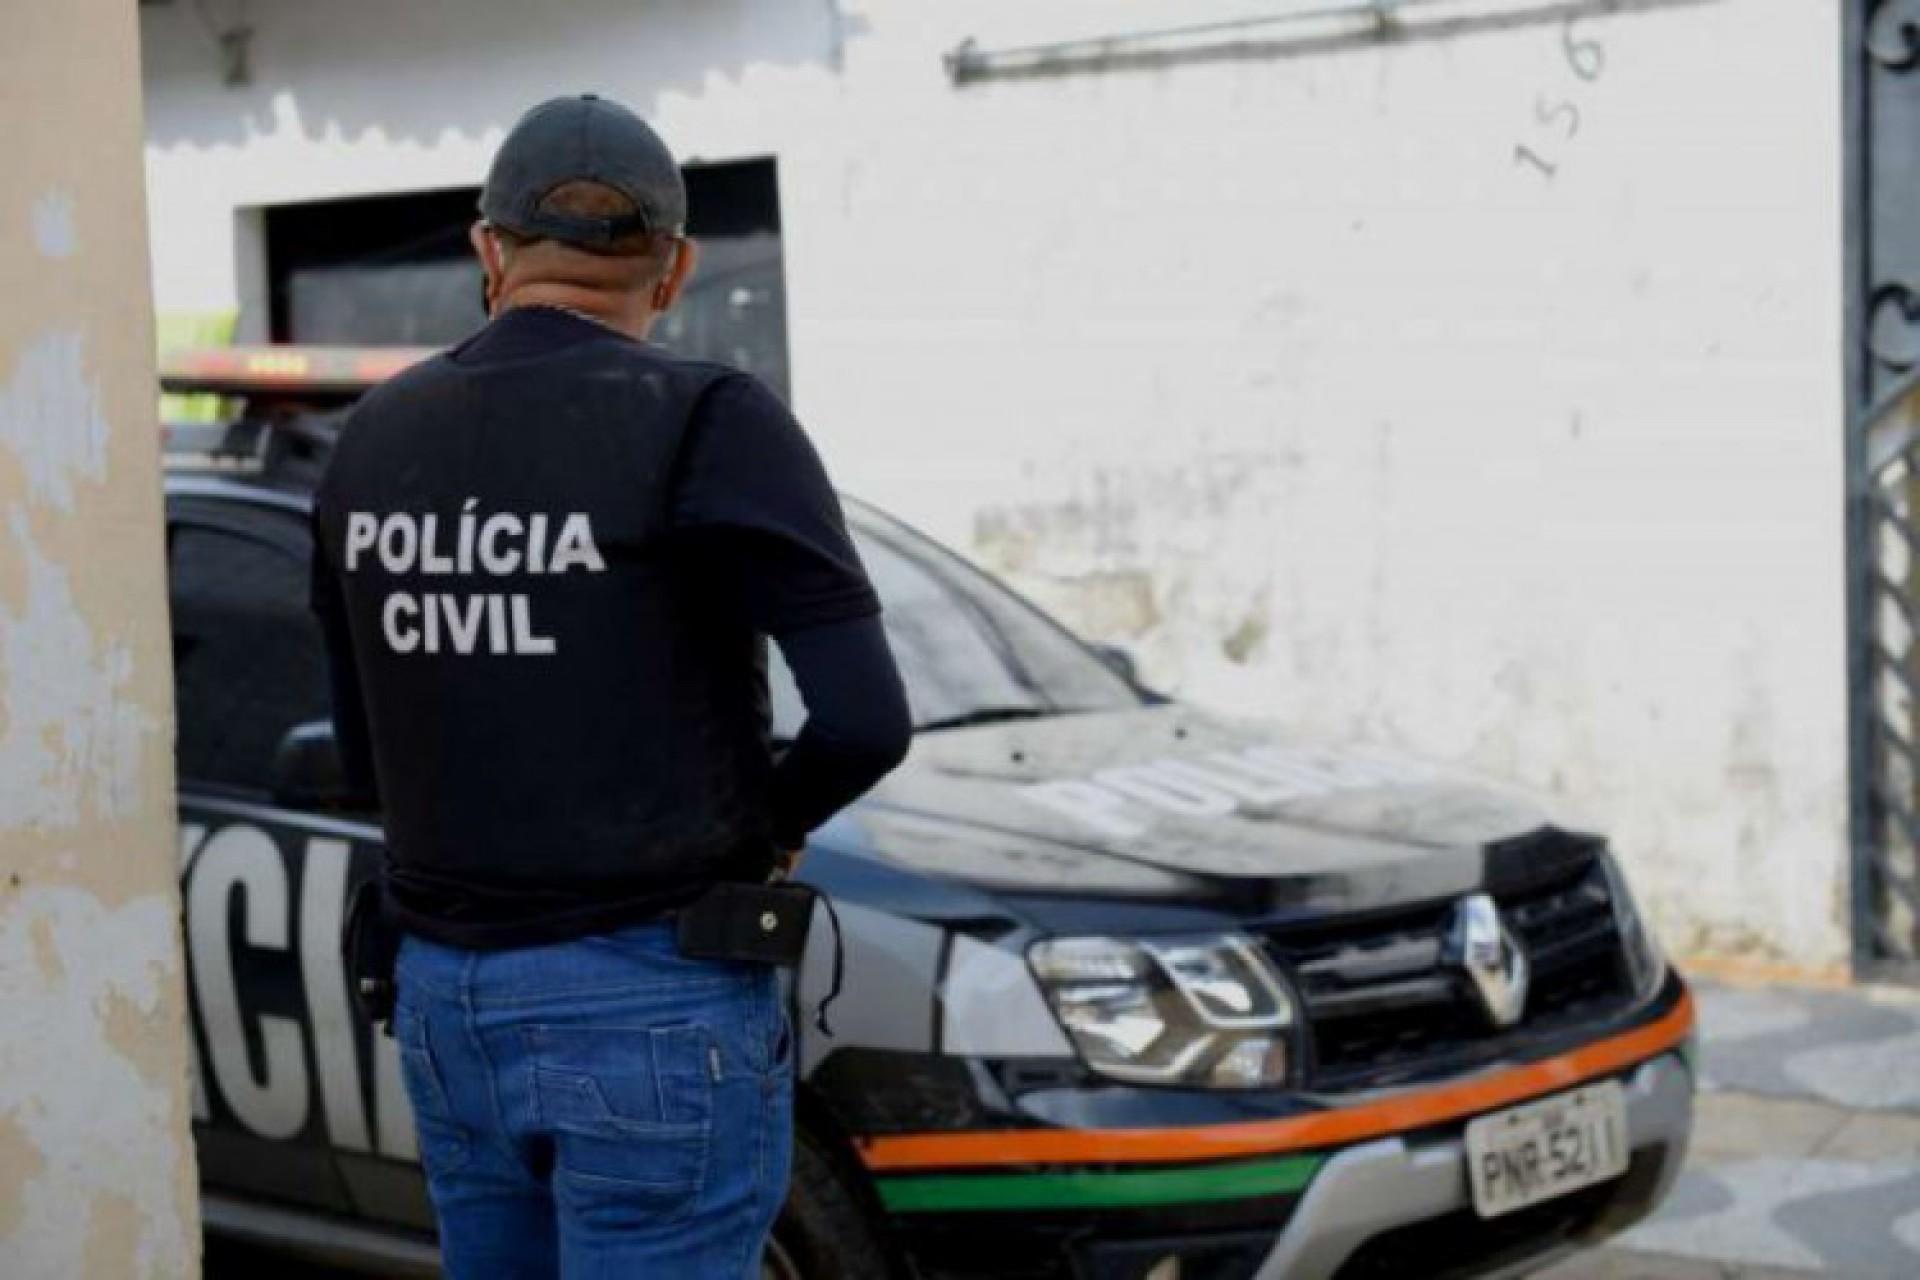 Diante dos relatos e provas da vítima, a Polícia Civil instaurou procedimento policial e realizou a prisão do homem